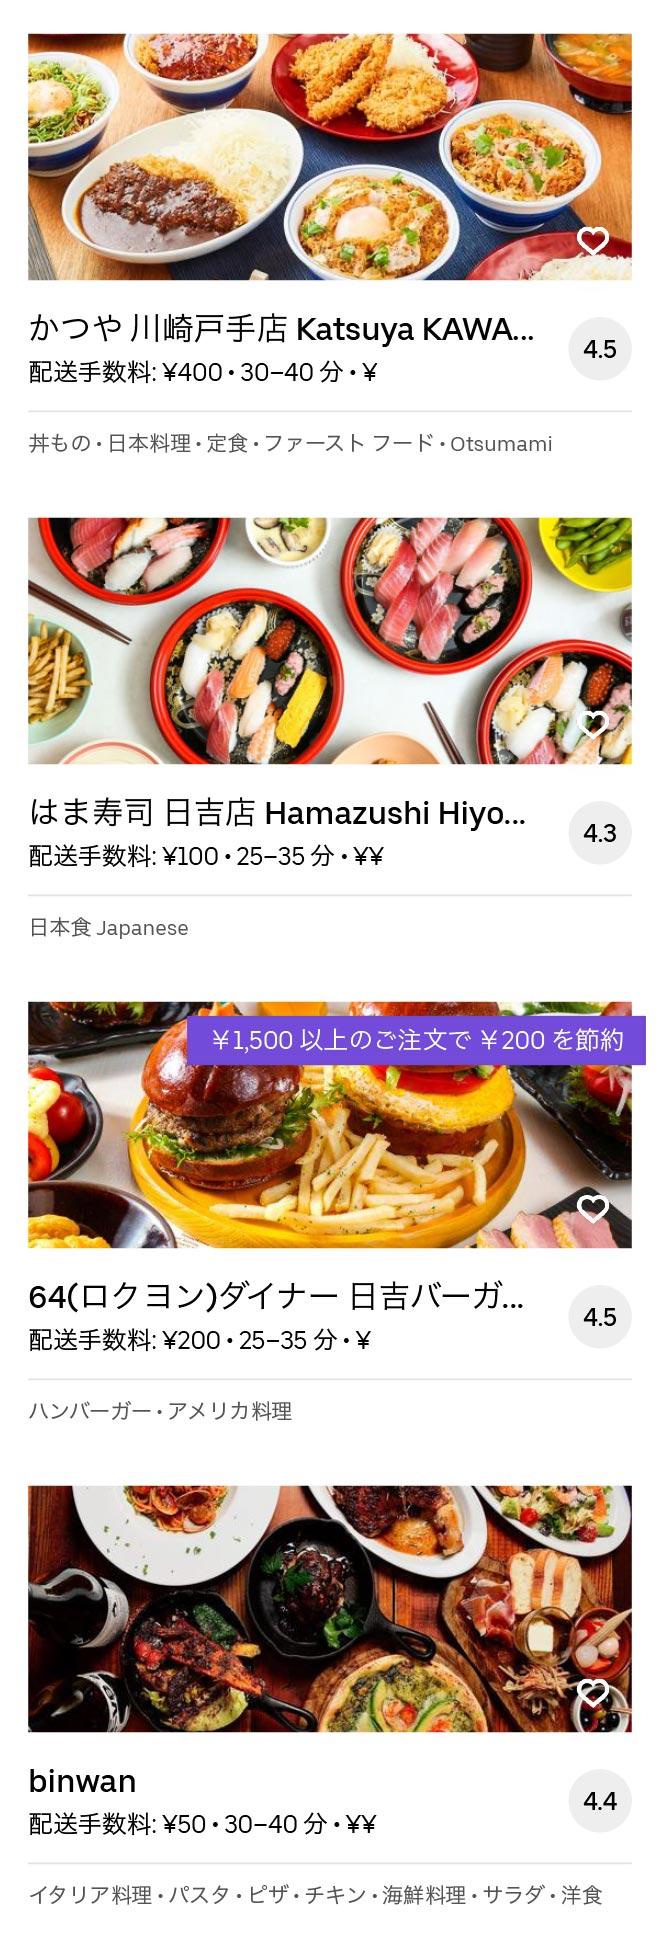 Musashikosugi menu 2004 09